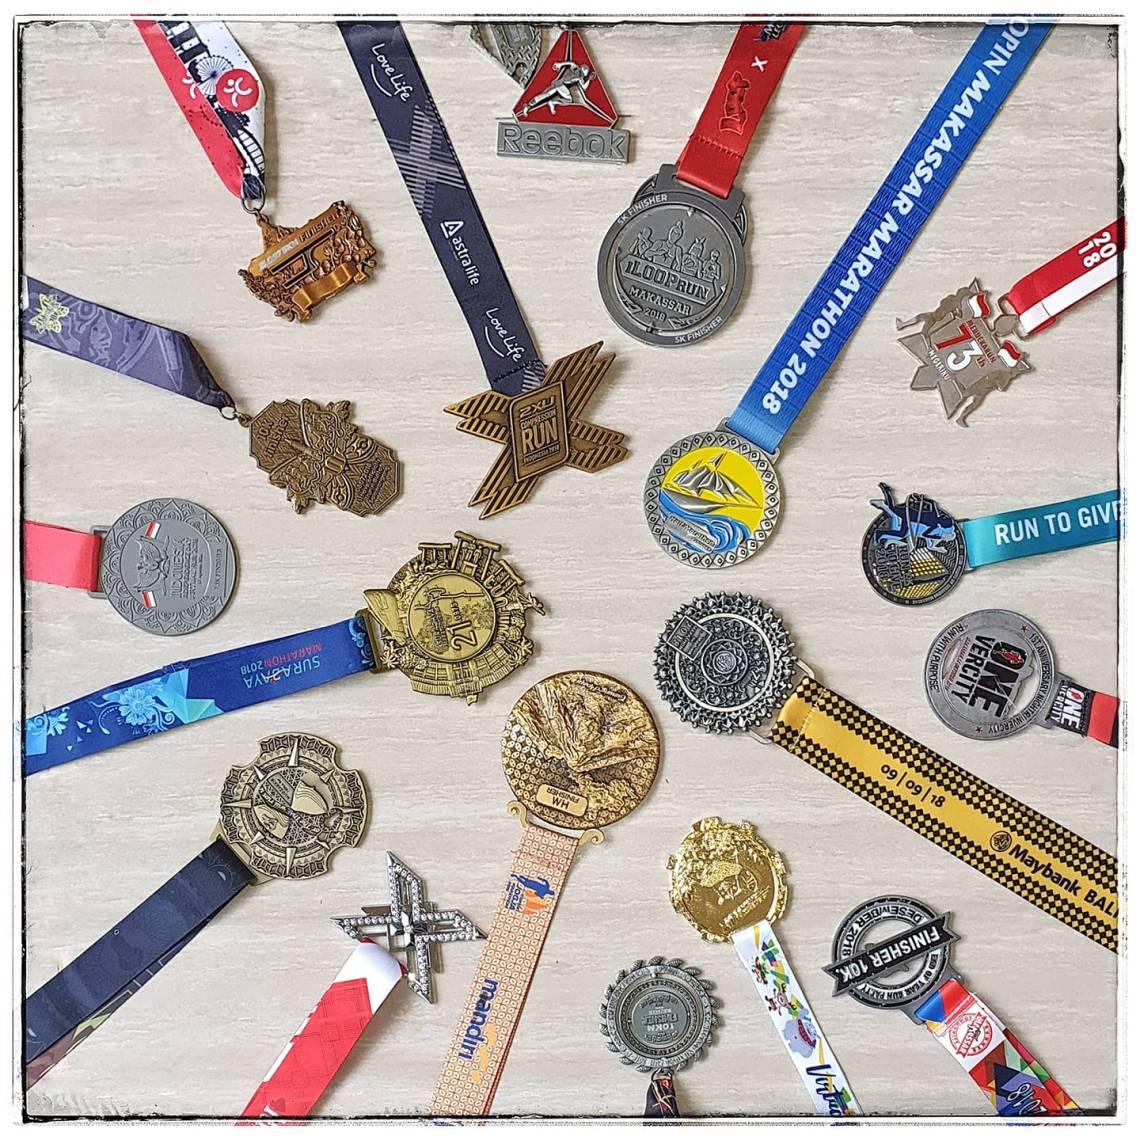 Koleksi Medali Saya 2018